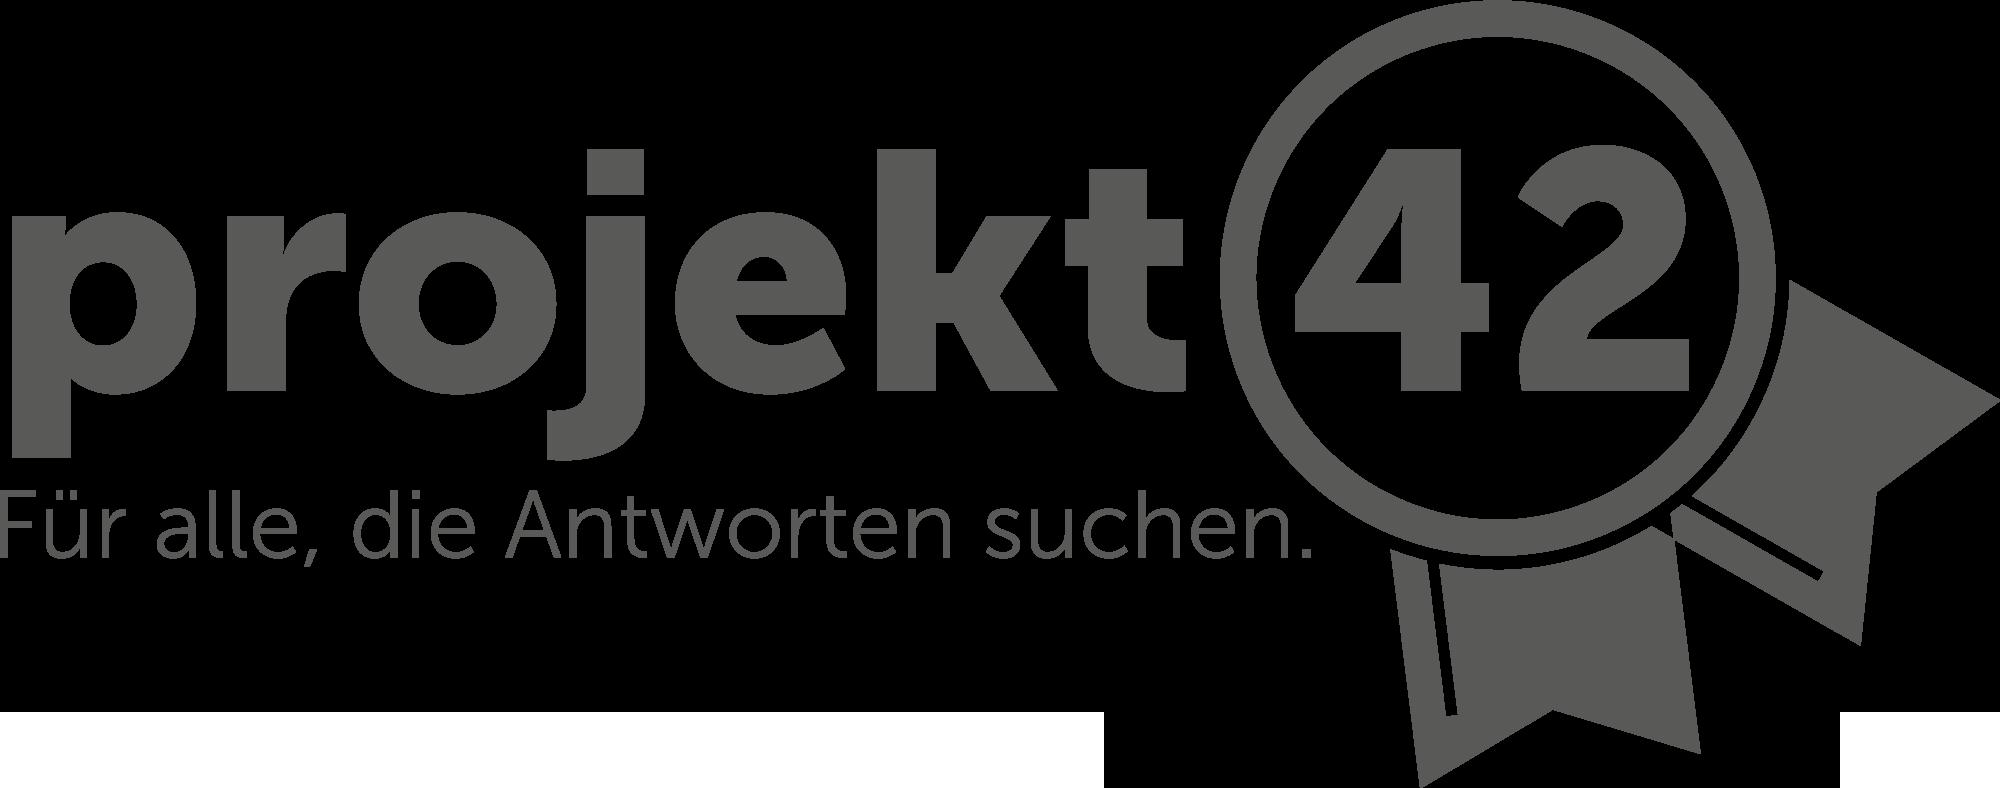 Projekt 42 by Christian Holzhausen & Jan Schmiedel